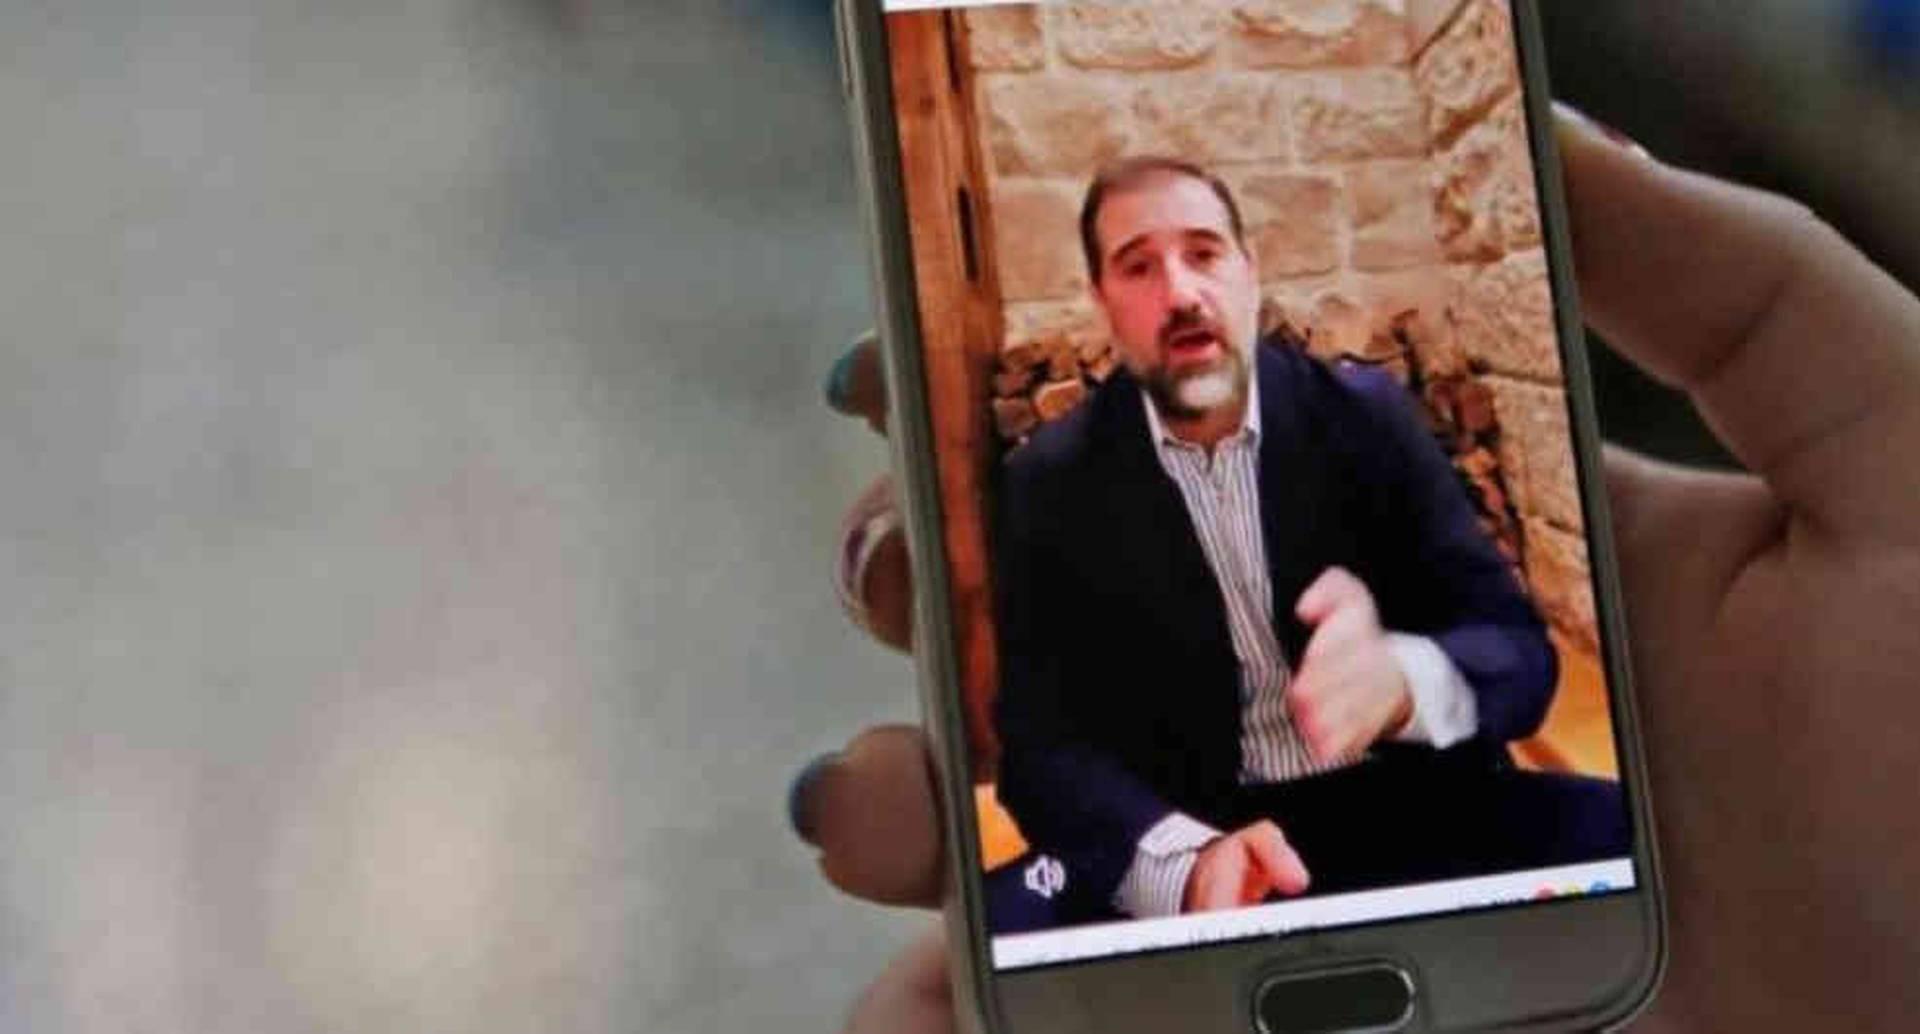 En un mes, Rami Makhlouf ha publicado tres videos en internet en los que se queja sobre el trato que recibe. Esta semana, el ministerio de Justicia le impuso una prohibición temporal a viajar fuera del país.